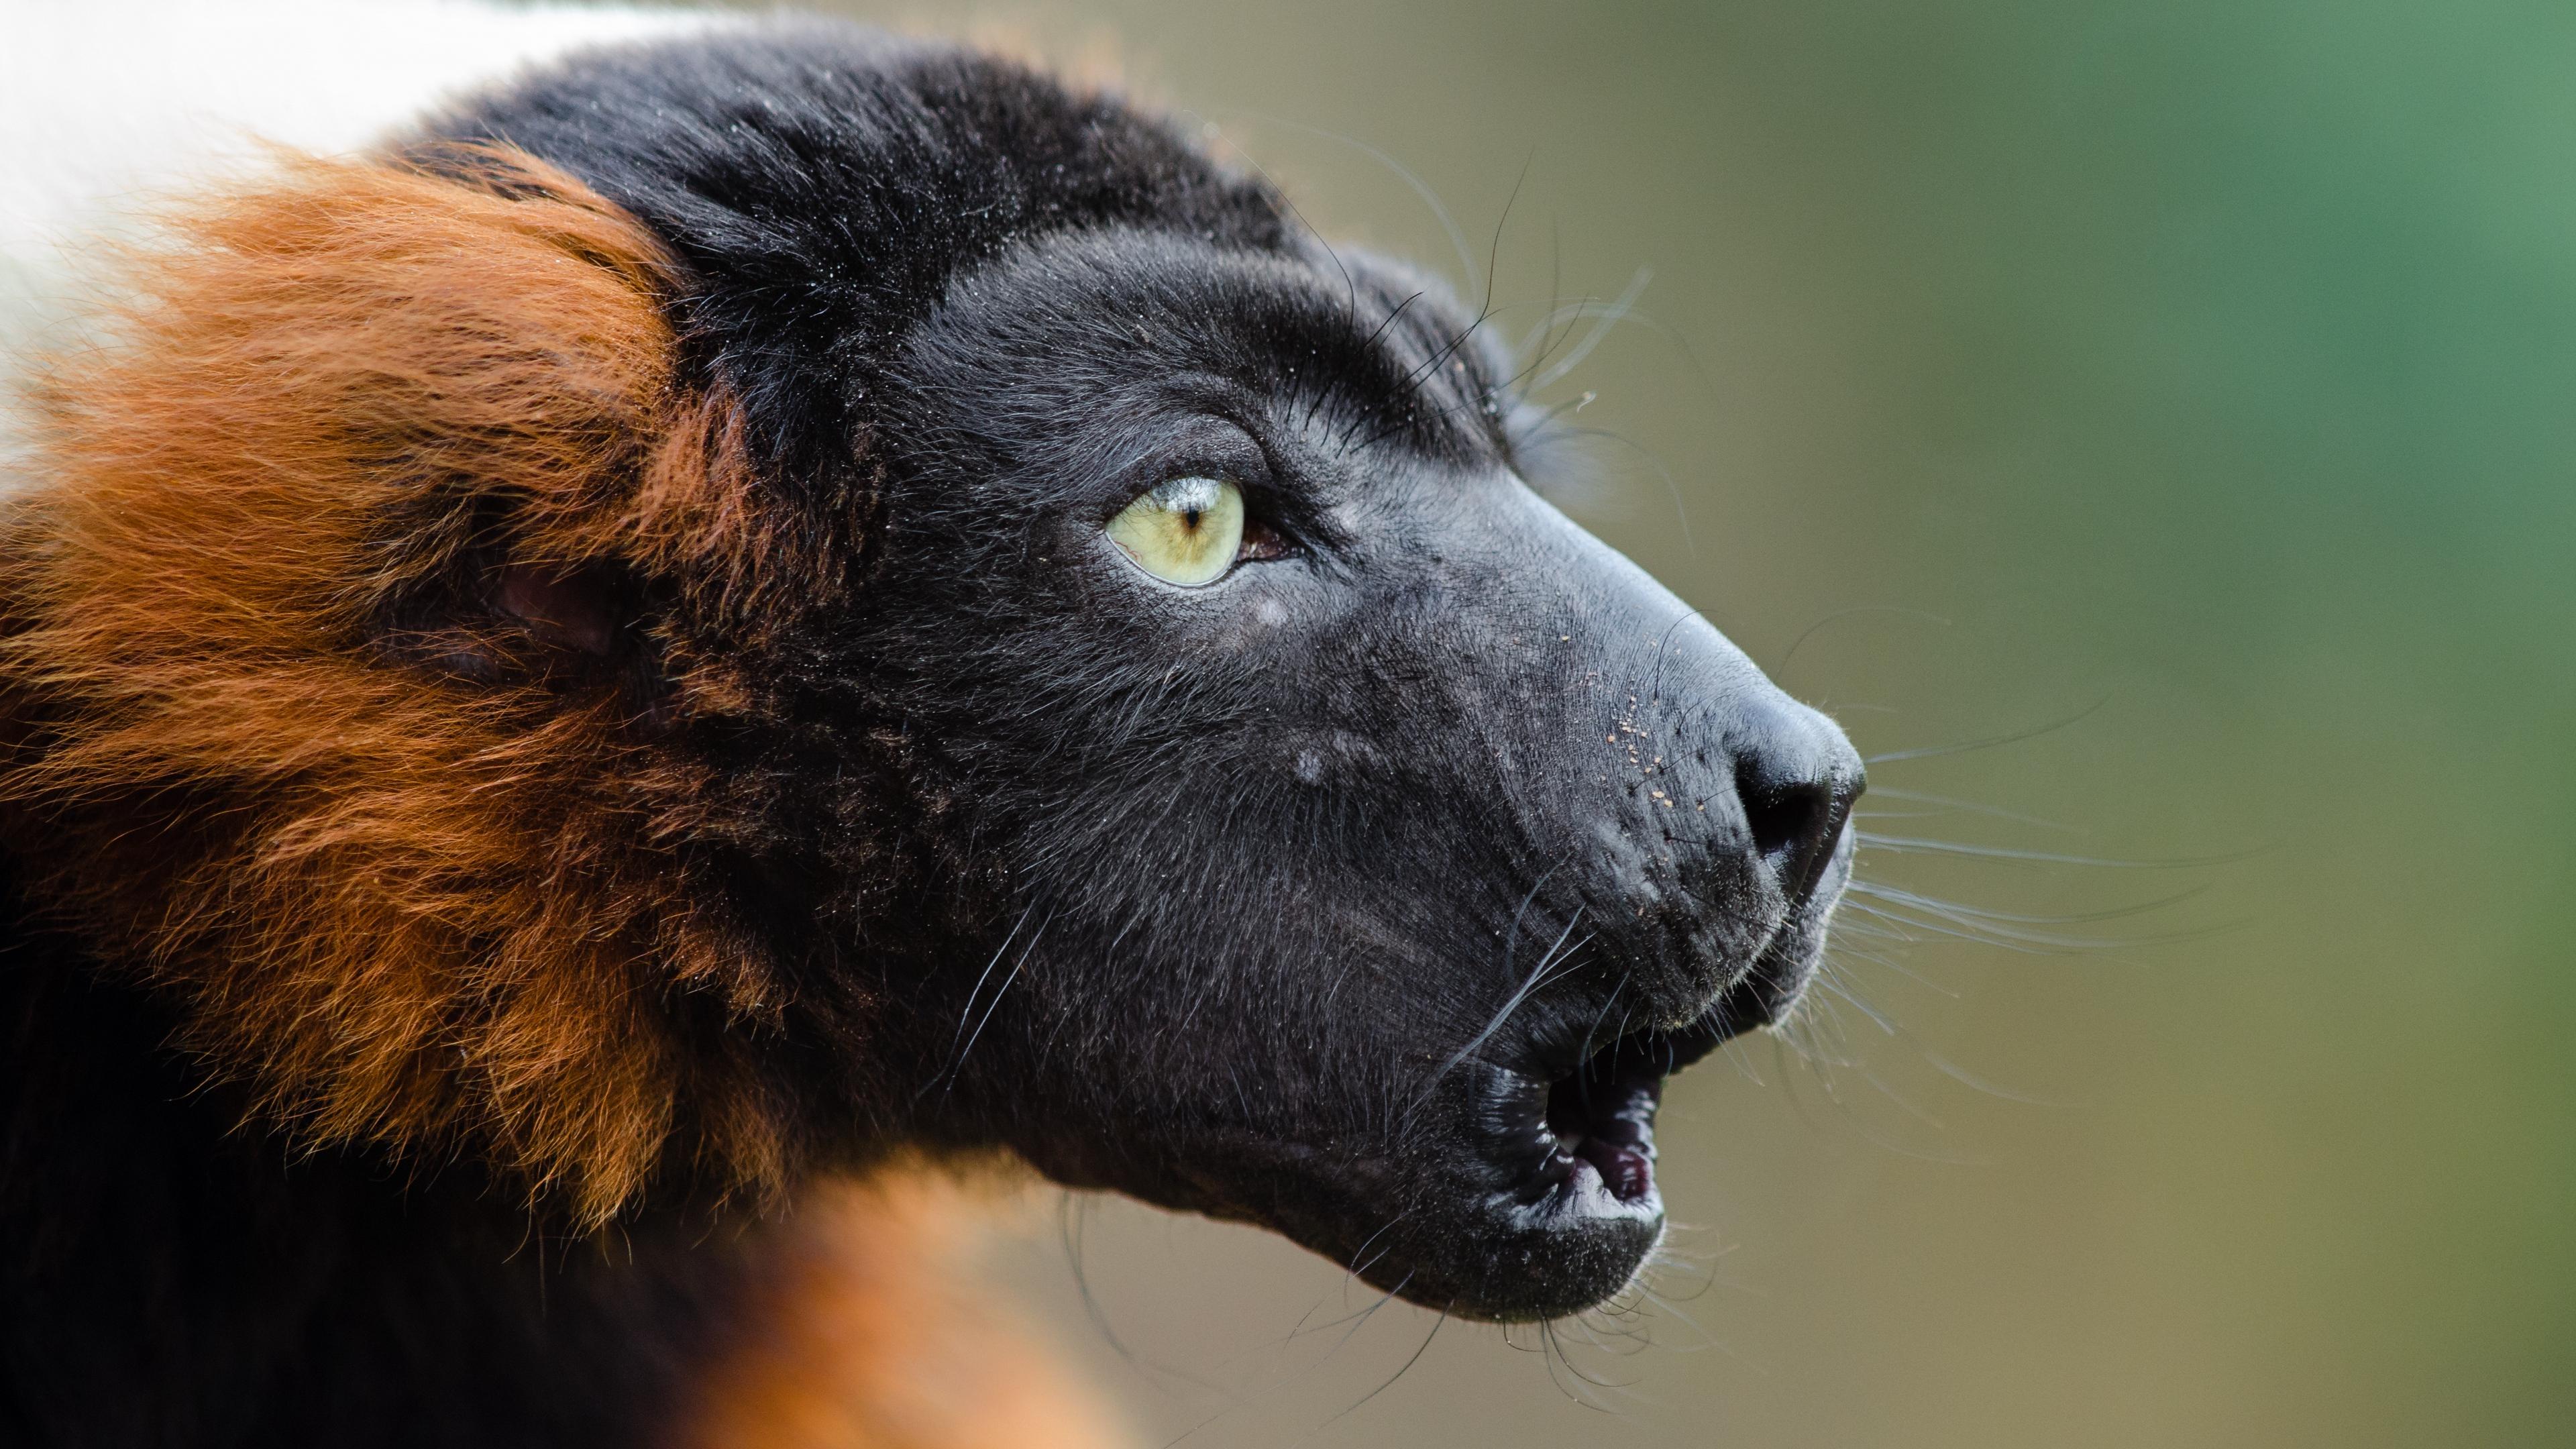 ruffed lemur muzzle emotion 4k 1542243009 - ruffed lemur, muzzle, emotion 4k - ruffed lemur, muzzle, Emotion